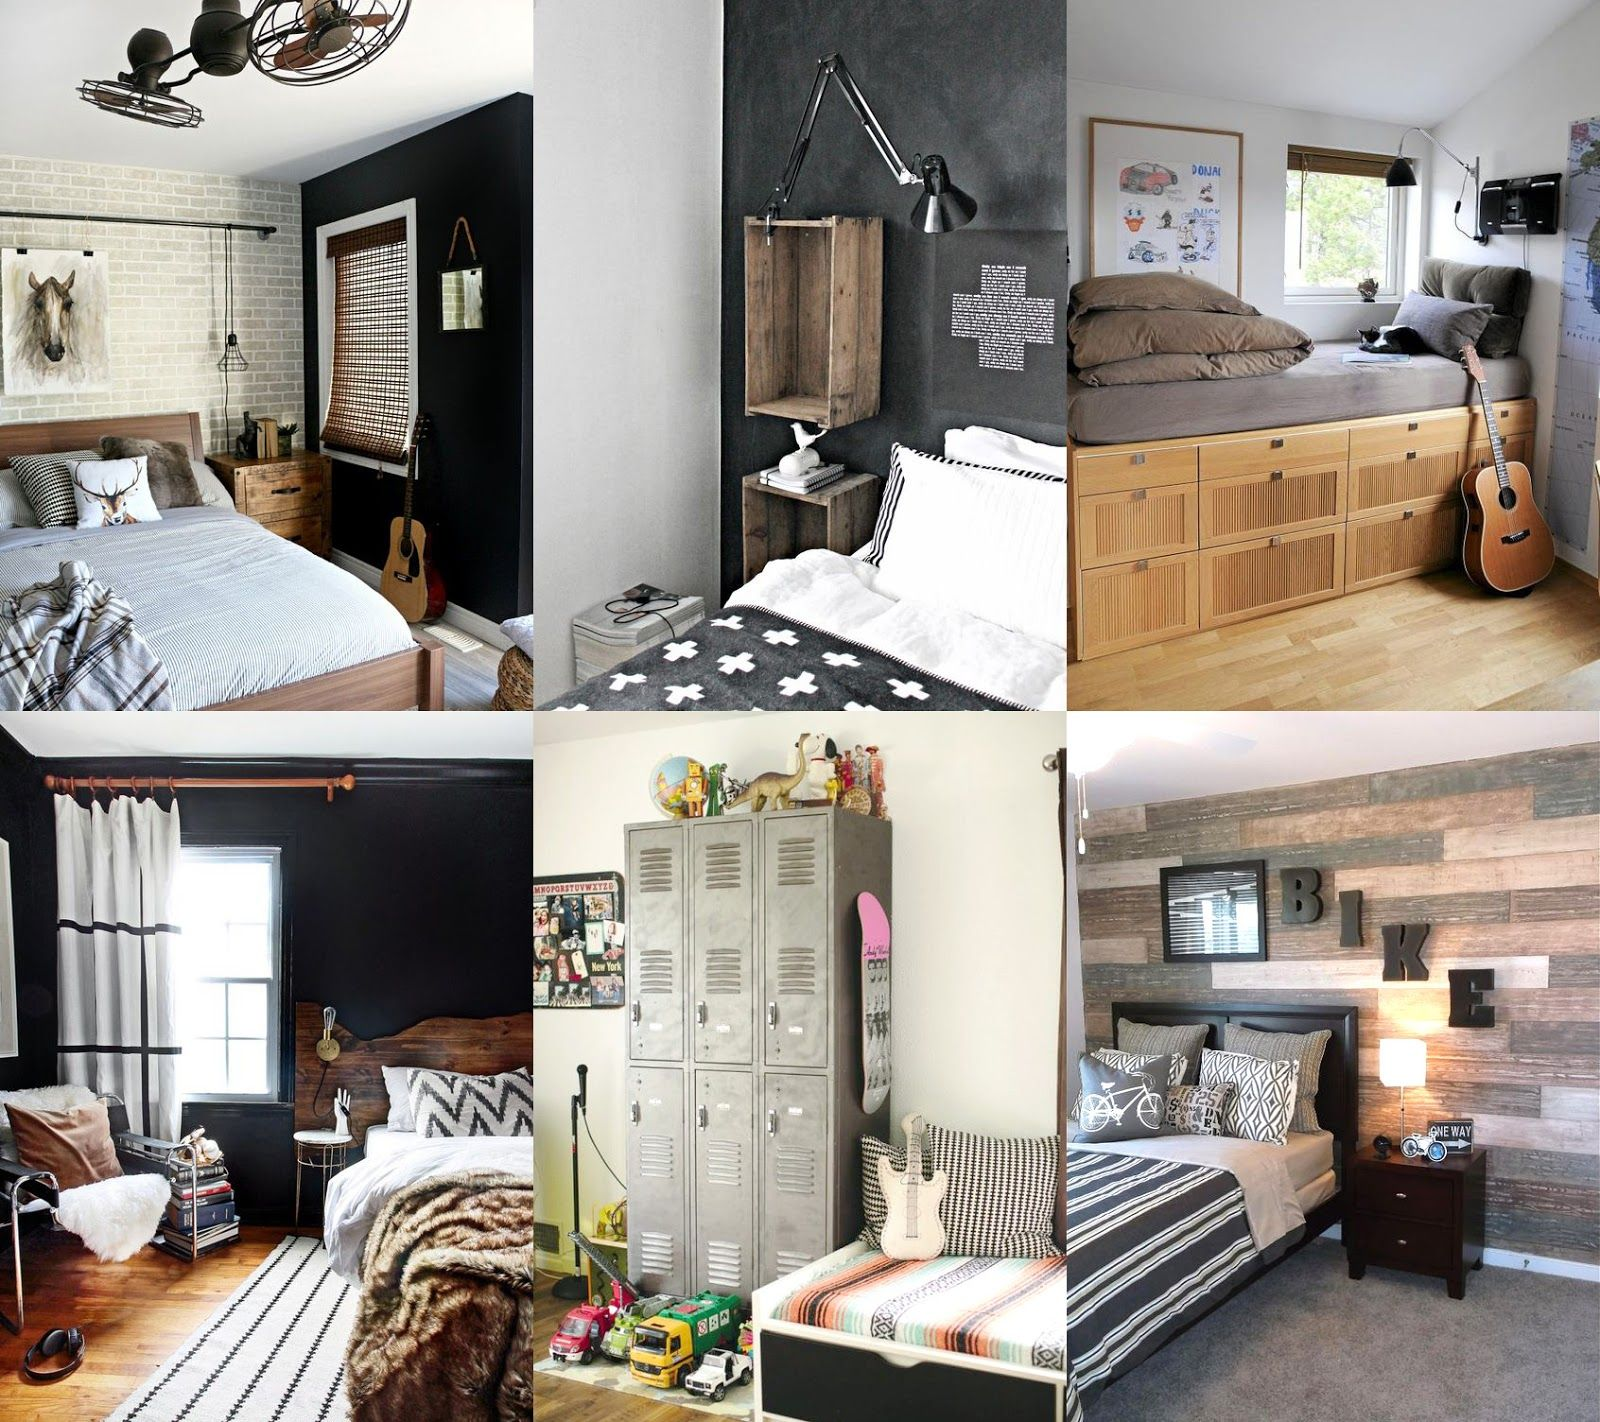 Idee per la camera di un ragazzo shabby chic interiors - Tende per camera ragazzo ...